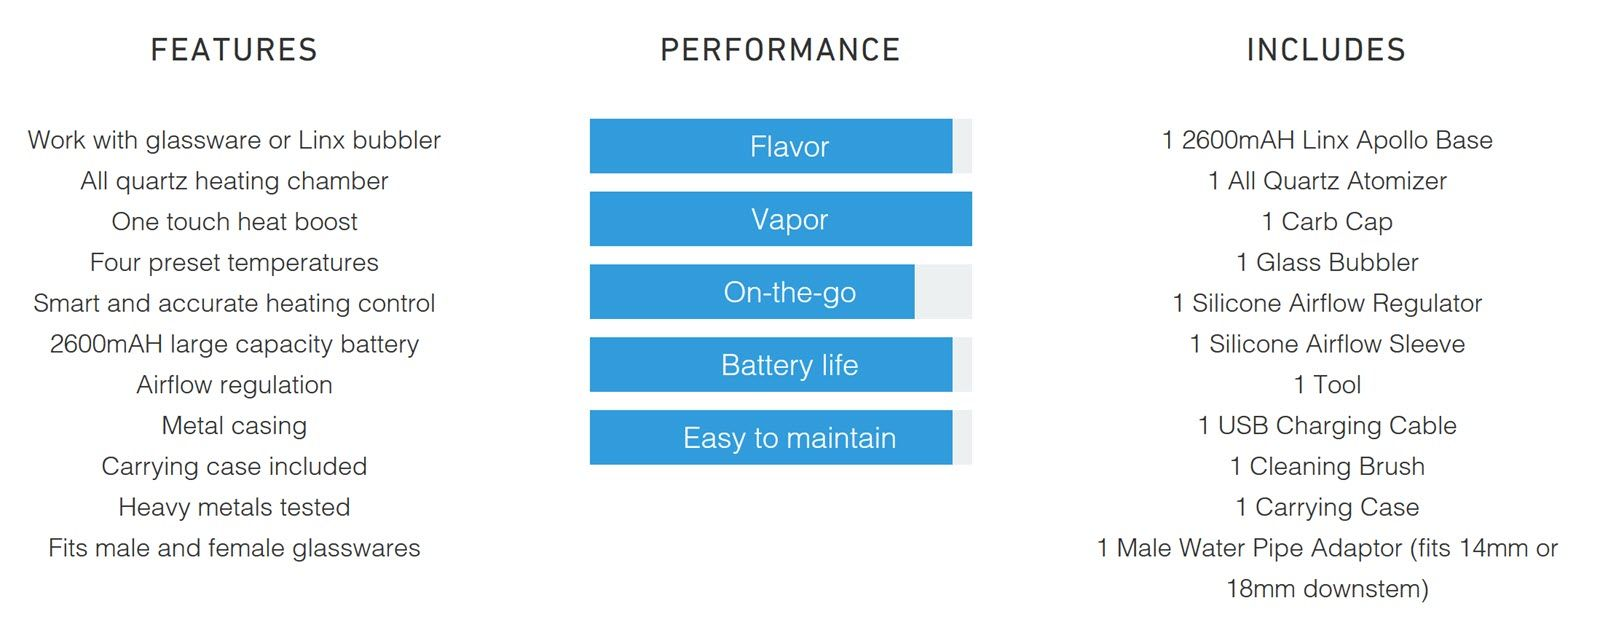 LINX Apollo Vape Features